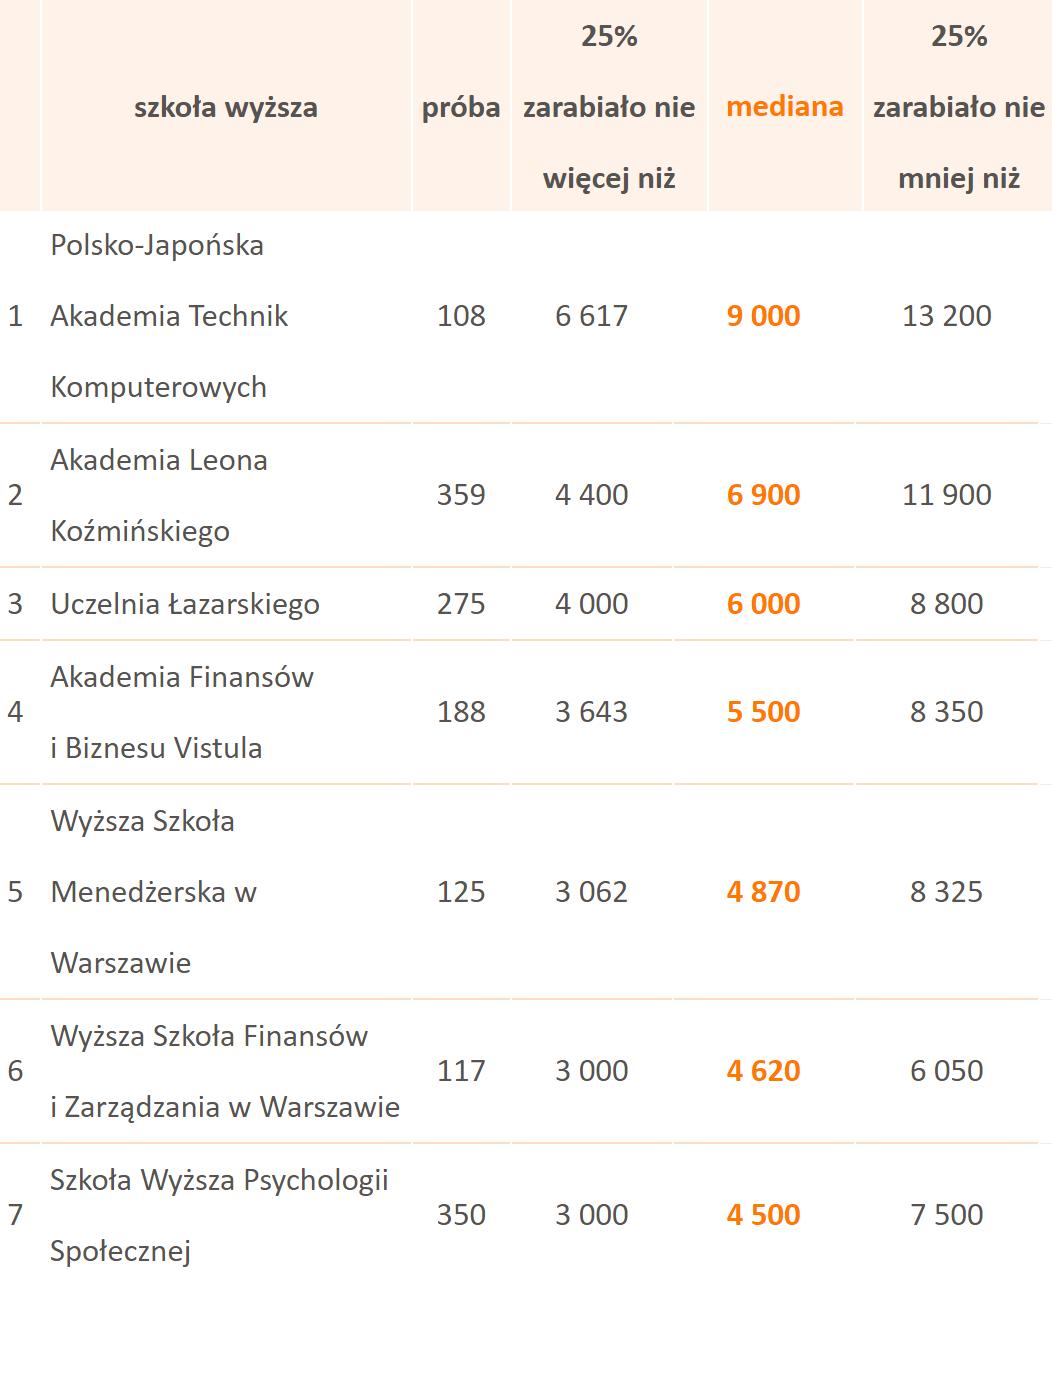 Zestawienie wynagrodzeń absolwentów wybranych niepublicznych uczelni wyższych w 2015 roku. (Źródło: Ogólnopolskie Badanie Wynagrodzeń przeprowadzone przez Sedlak & Sedlak).